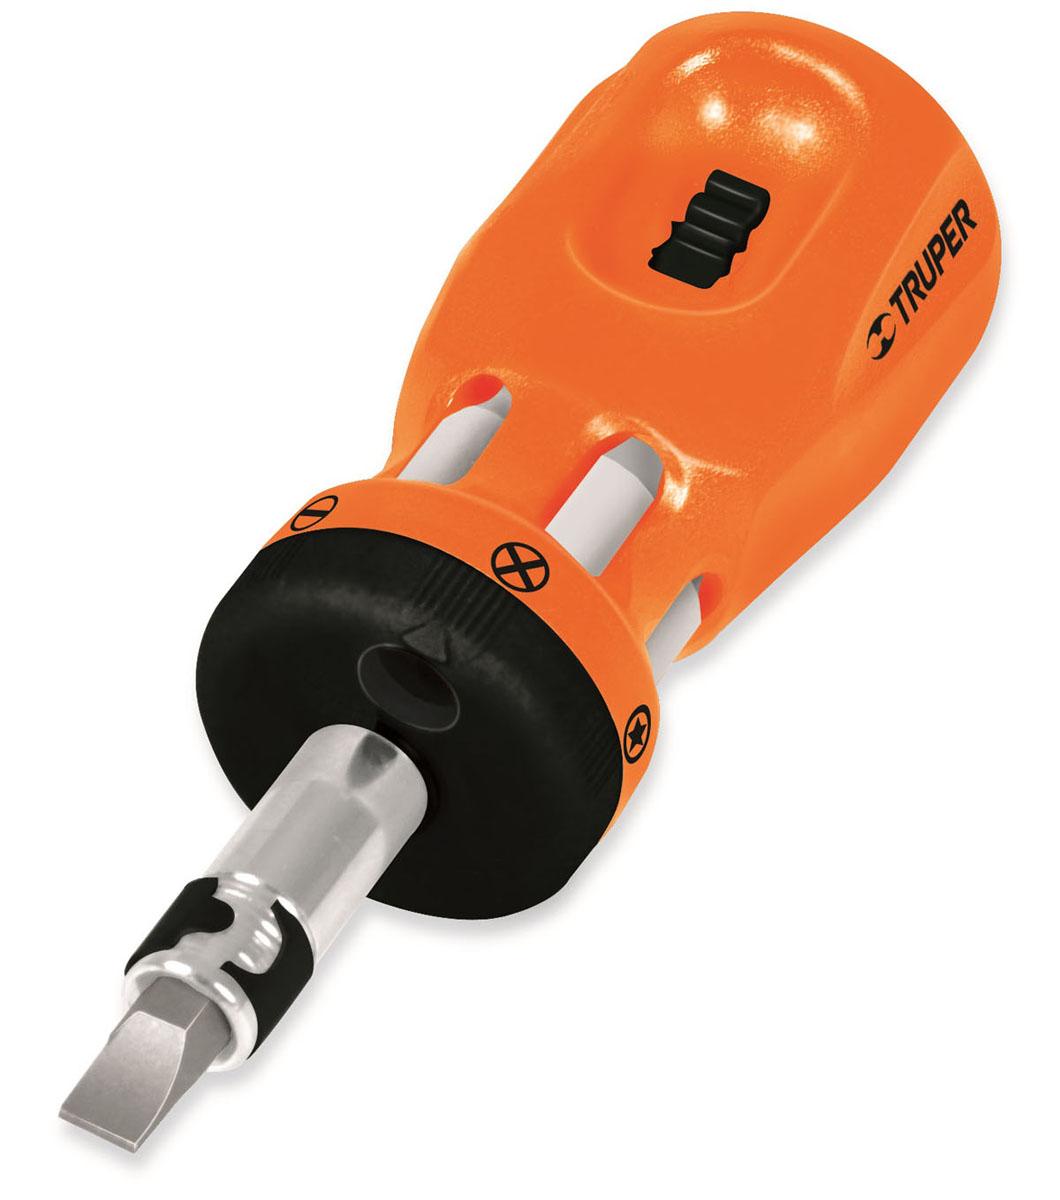 Миниотвертка с храповым механизмом Truper, 6 битDTROM-12Отвертка с битами Truper предназначена для монтажа/демонтажа резьбовых соединений с применением значительных усилий. В комплект входит 6 двухсторонних бит, изготовленных из хром-ванадиевой стали. Отвертка оснащена храповым механизмом. Рукоятка имеет удобное хранилище для бит. В набор входят плоские, крестовые и биты Torx.